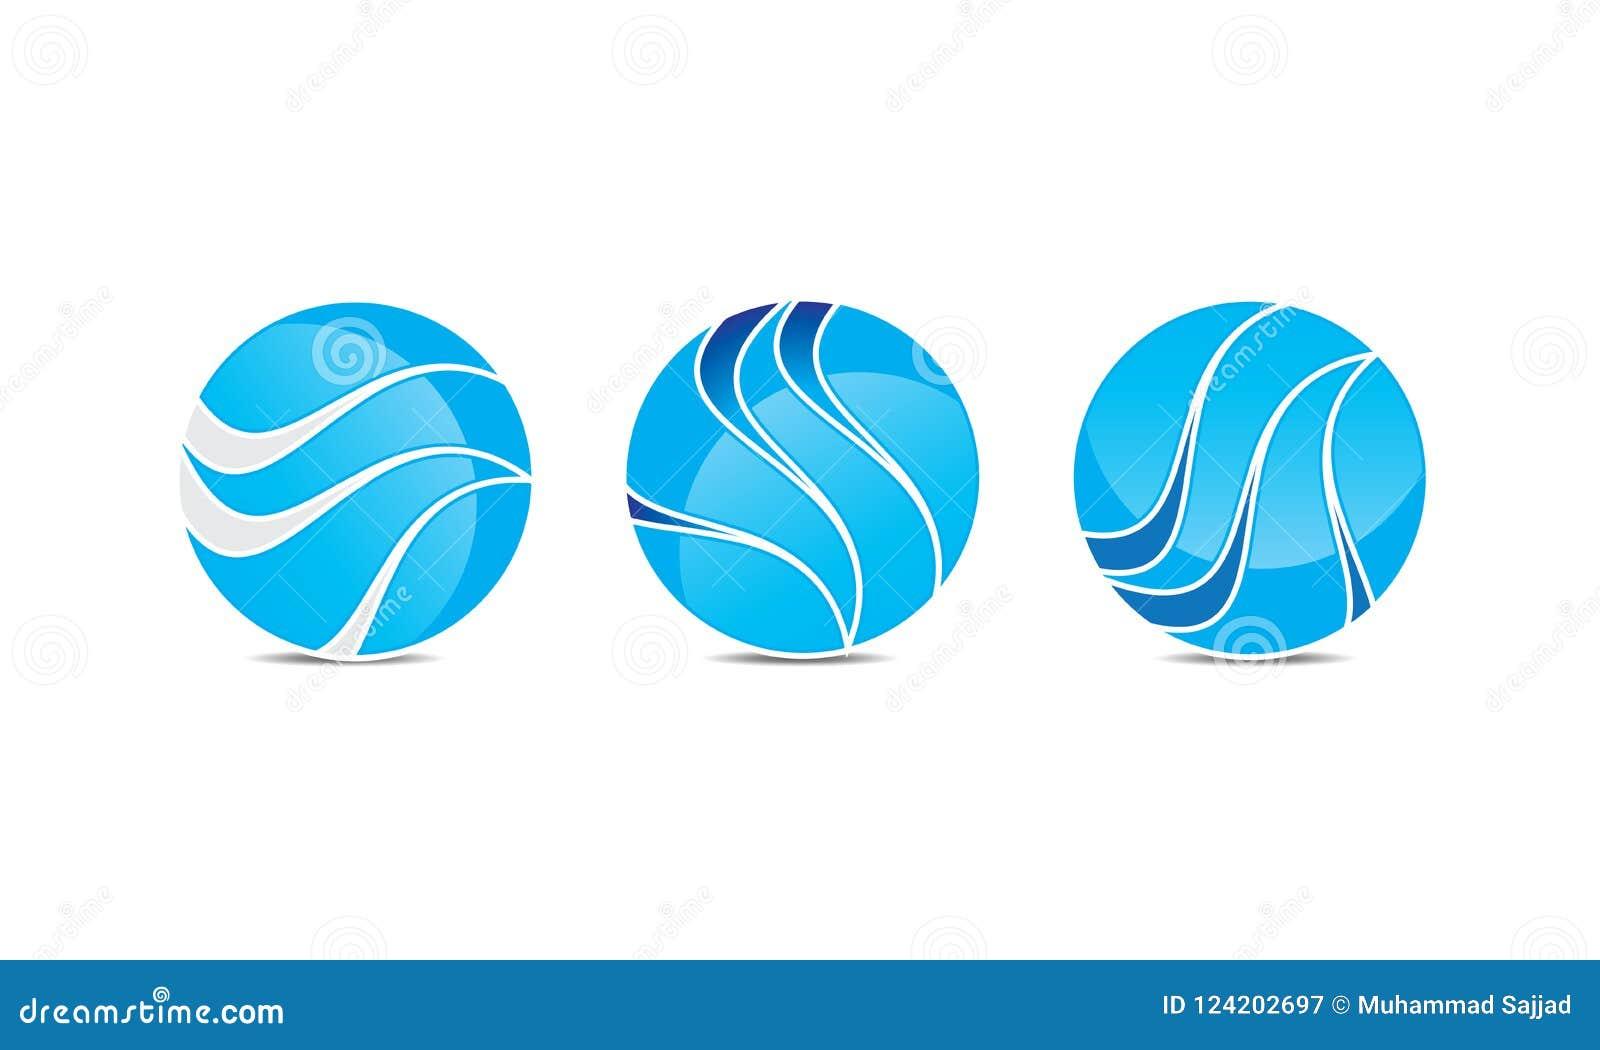 creative sphere logo template rounded circular logo design